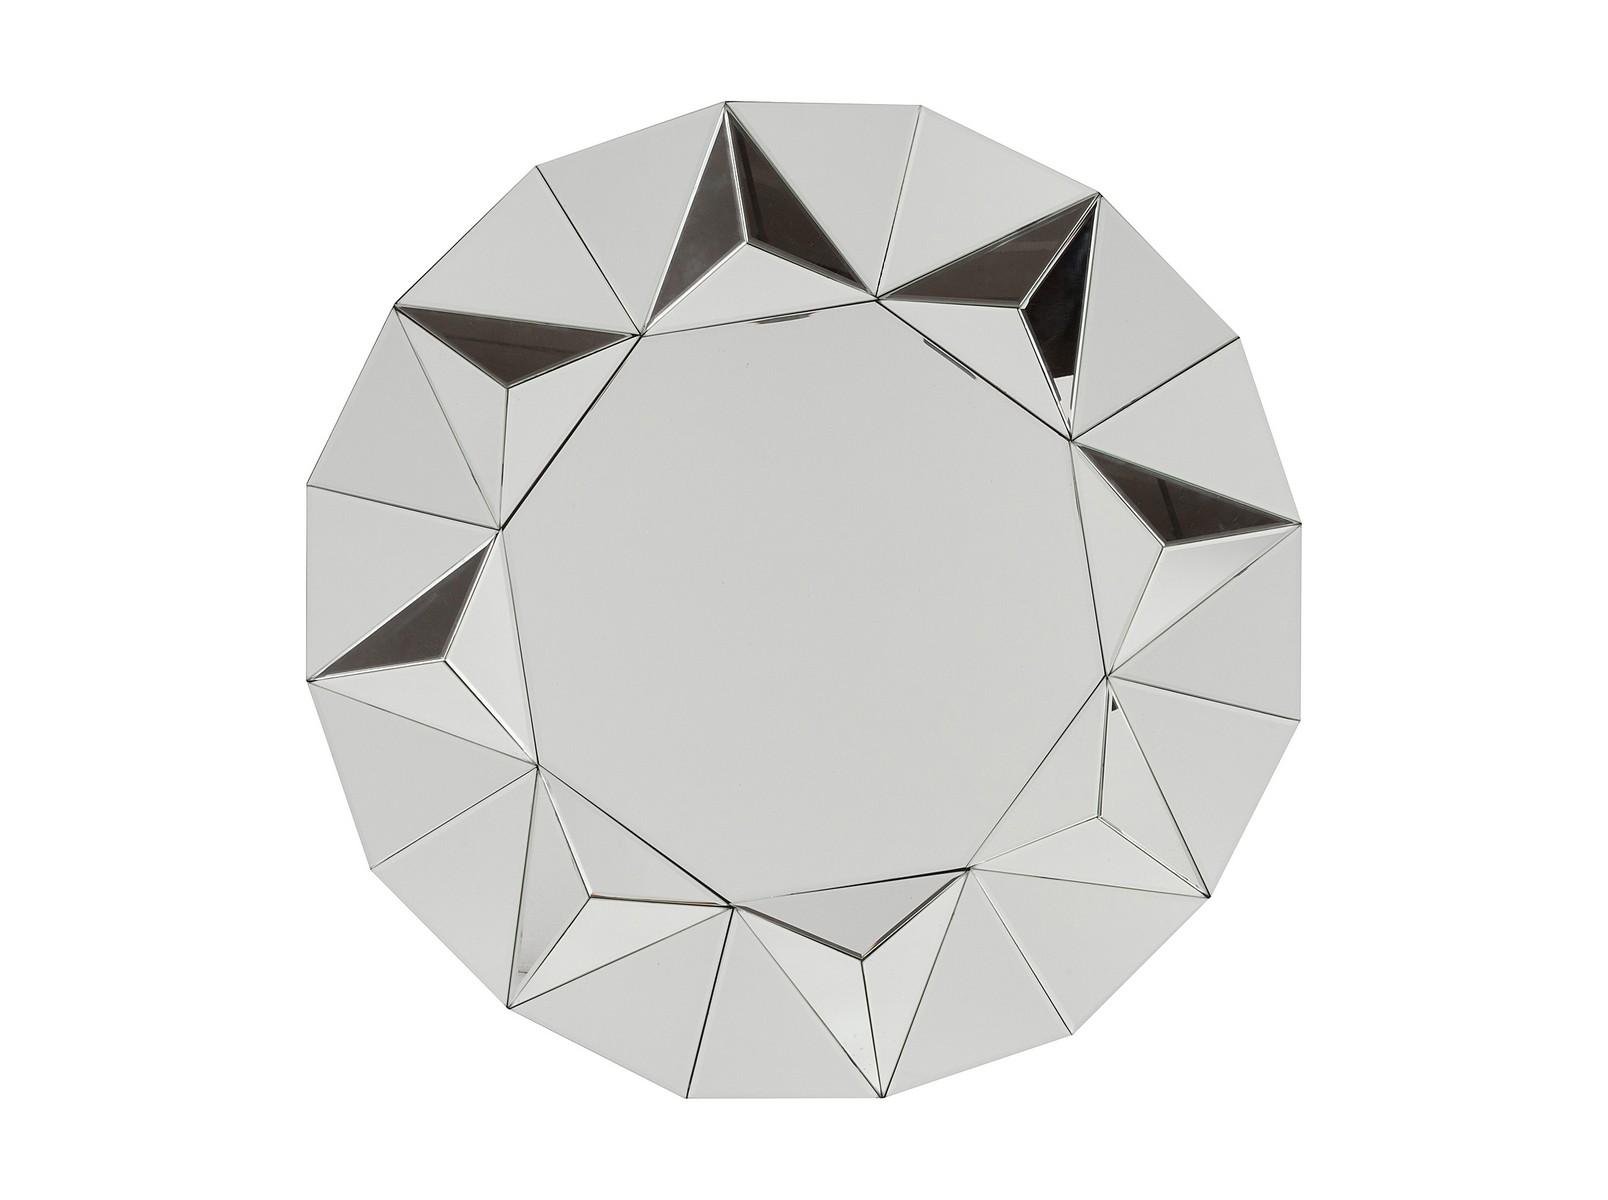 Зеркало DrancyНастенные зеркала<br><br><br>Material: МДФ<br>Width см: 78,5<br>Depth см: 4<br>Height см: 78,5